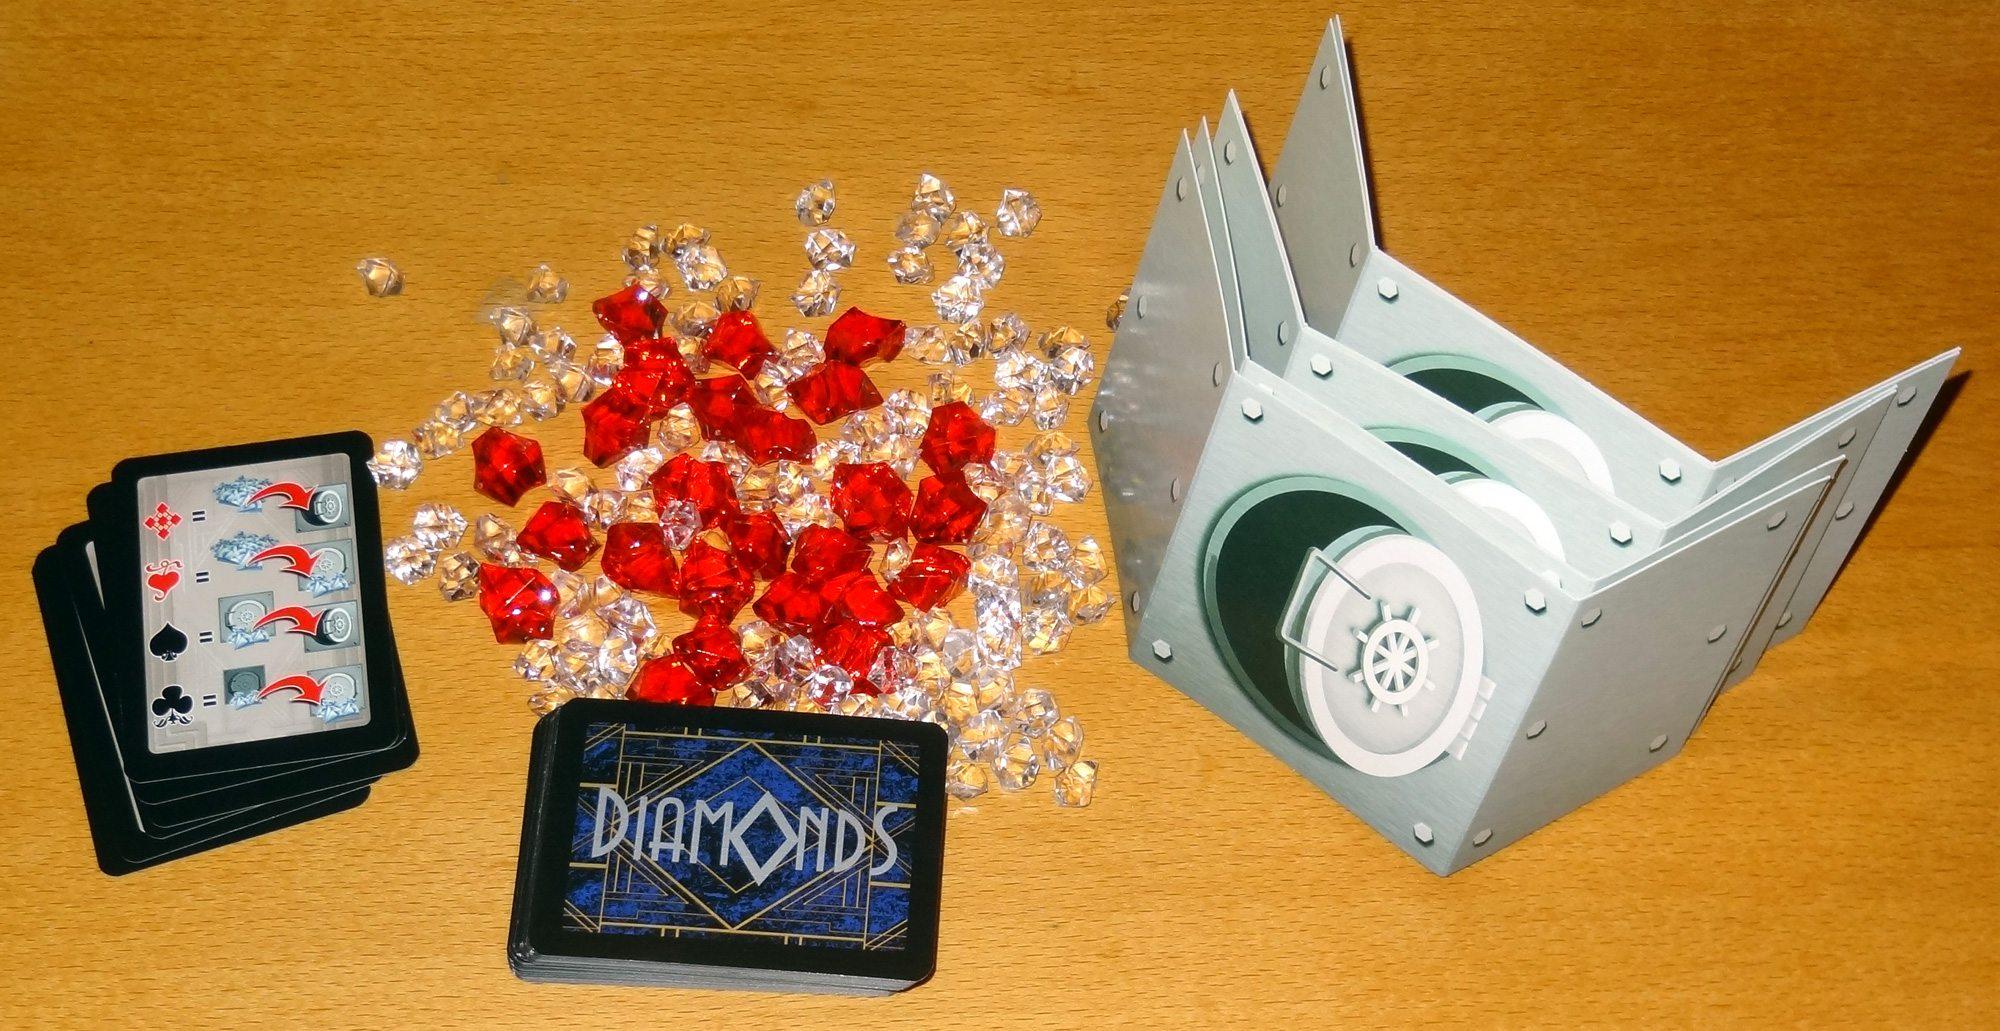 Diamonds components